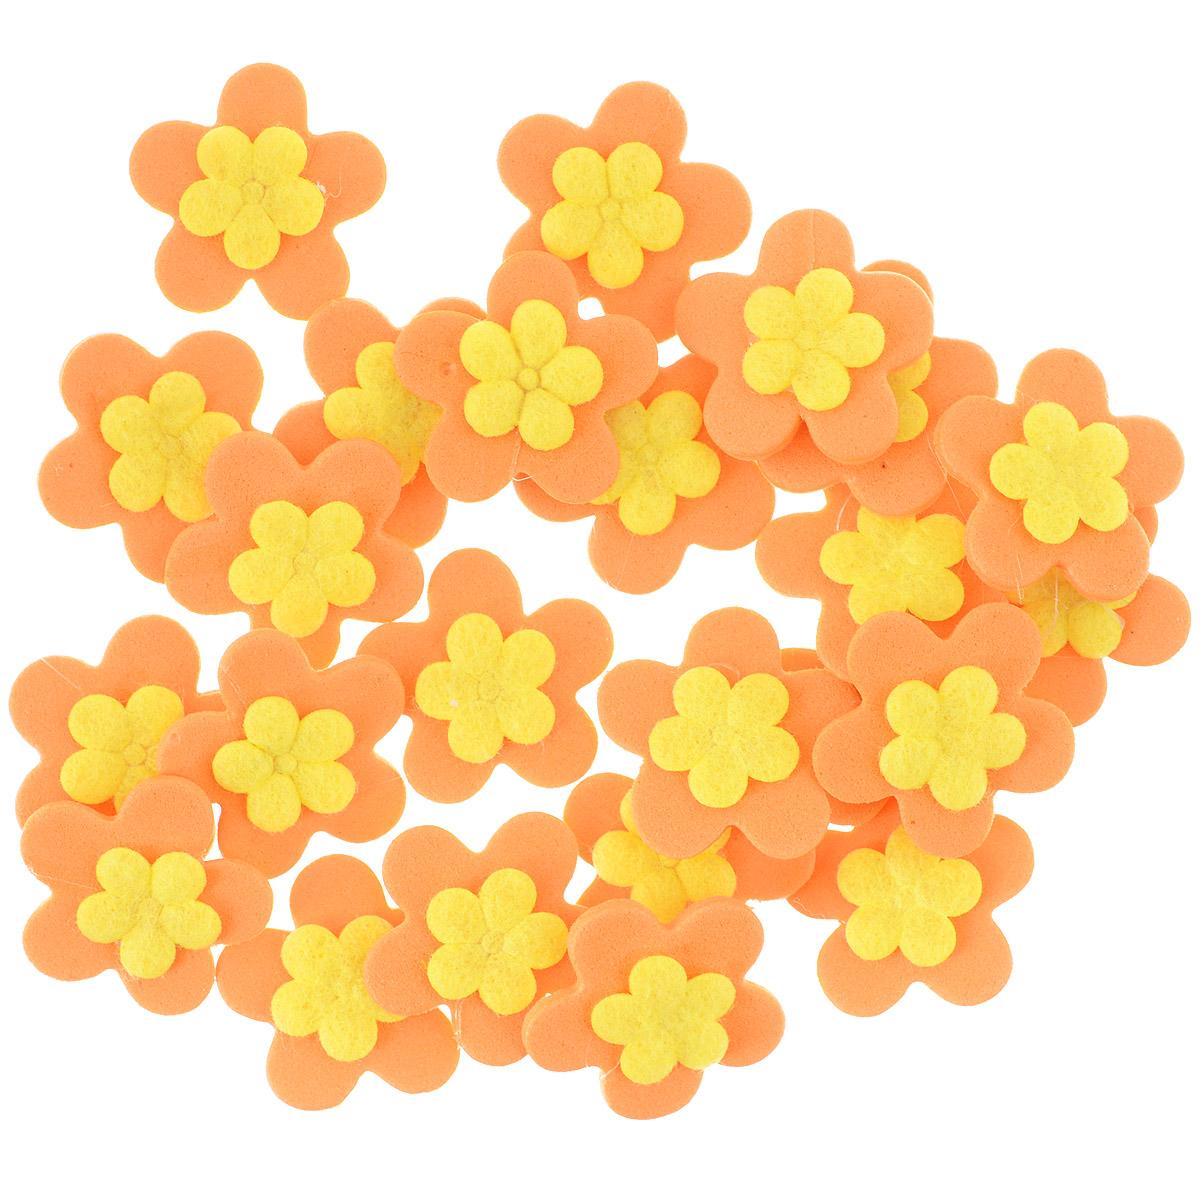 Набор декоративных украшений Home Queen Кувшинки, на клейкой основе, цвет: оранжевый, желтый, 24 шт36936Набор Home Queen Кувшинки состоит из 24 декоративных элементов и предназначен для украшения яиц, посуды, стекла, керамики, металла, цветочных горшков, ваз и других предметов интерьера. Украшения изготовлены из вспененной резины в виде цветов и фиксируются при помощи специальной клейкой основы. Такой набор украшений создаст атмосферу праздника в вашем доме. Размер фигурки: 2,3 см х 0,4 см х 2,3 см.Материал: вспененная резина.